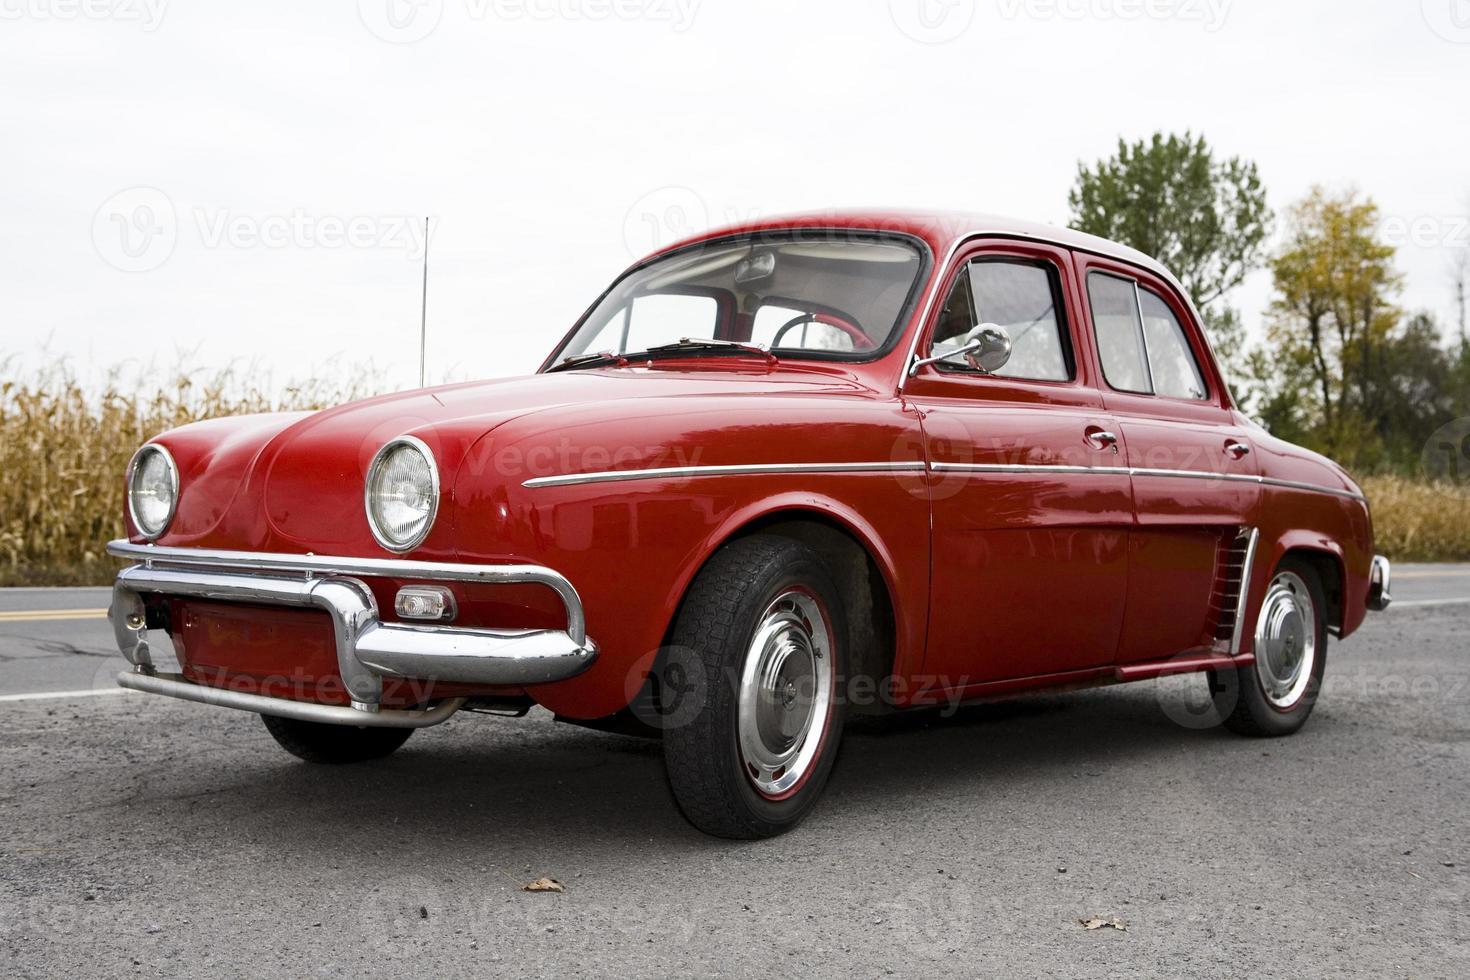 une vieille voiture rouge vintage en forme décente photo